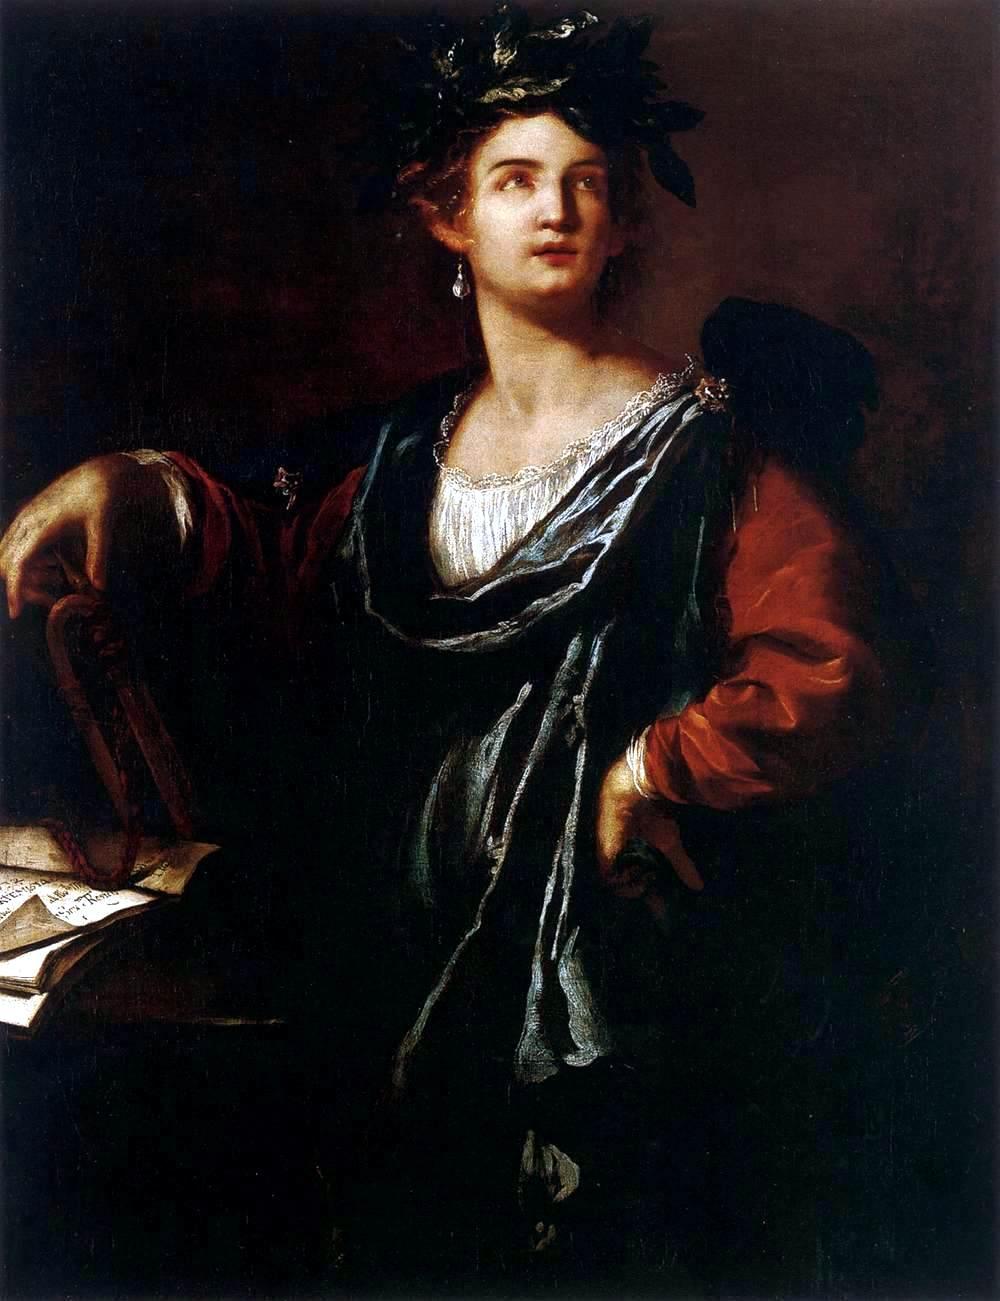 Artemisia Gentileschi / Артемизия Джентилески (1593-1653) - Clio, la Musa della Storia (La Fama) / Клио, муза Истории (Слава) (1632)